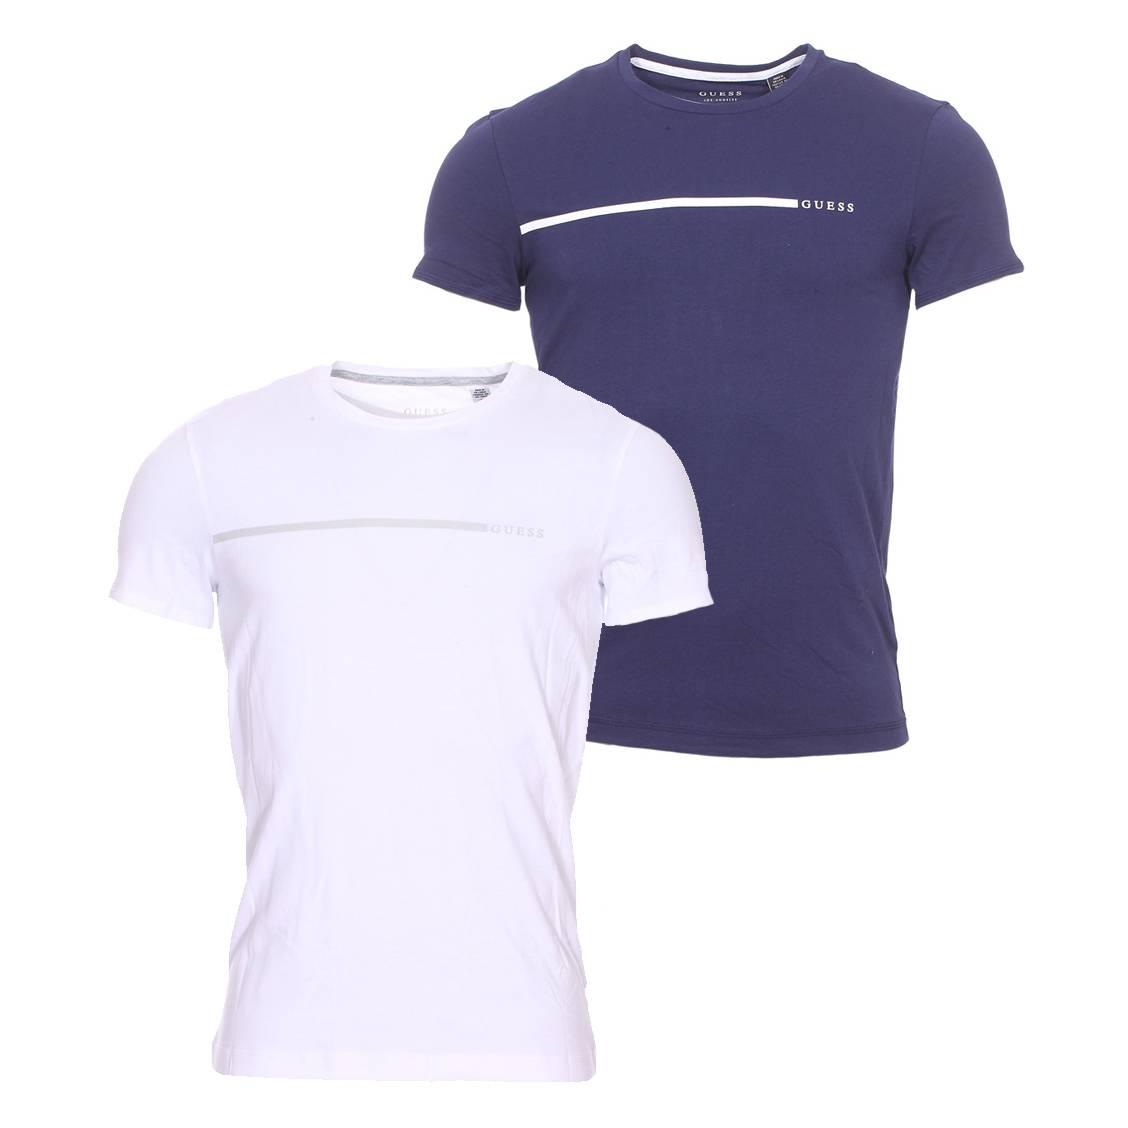 Lot de 2 tee-shirts col rond guess en coton blanc et bleu marine